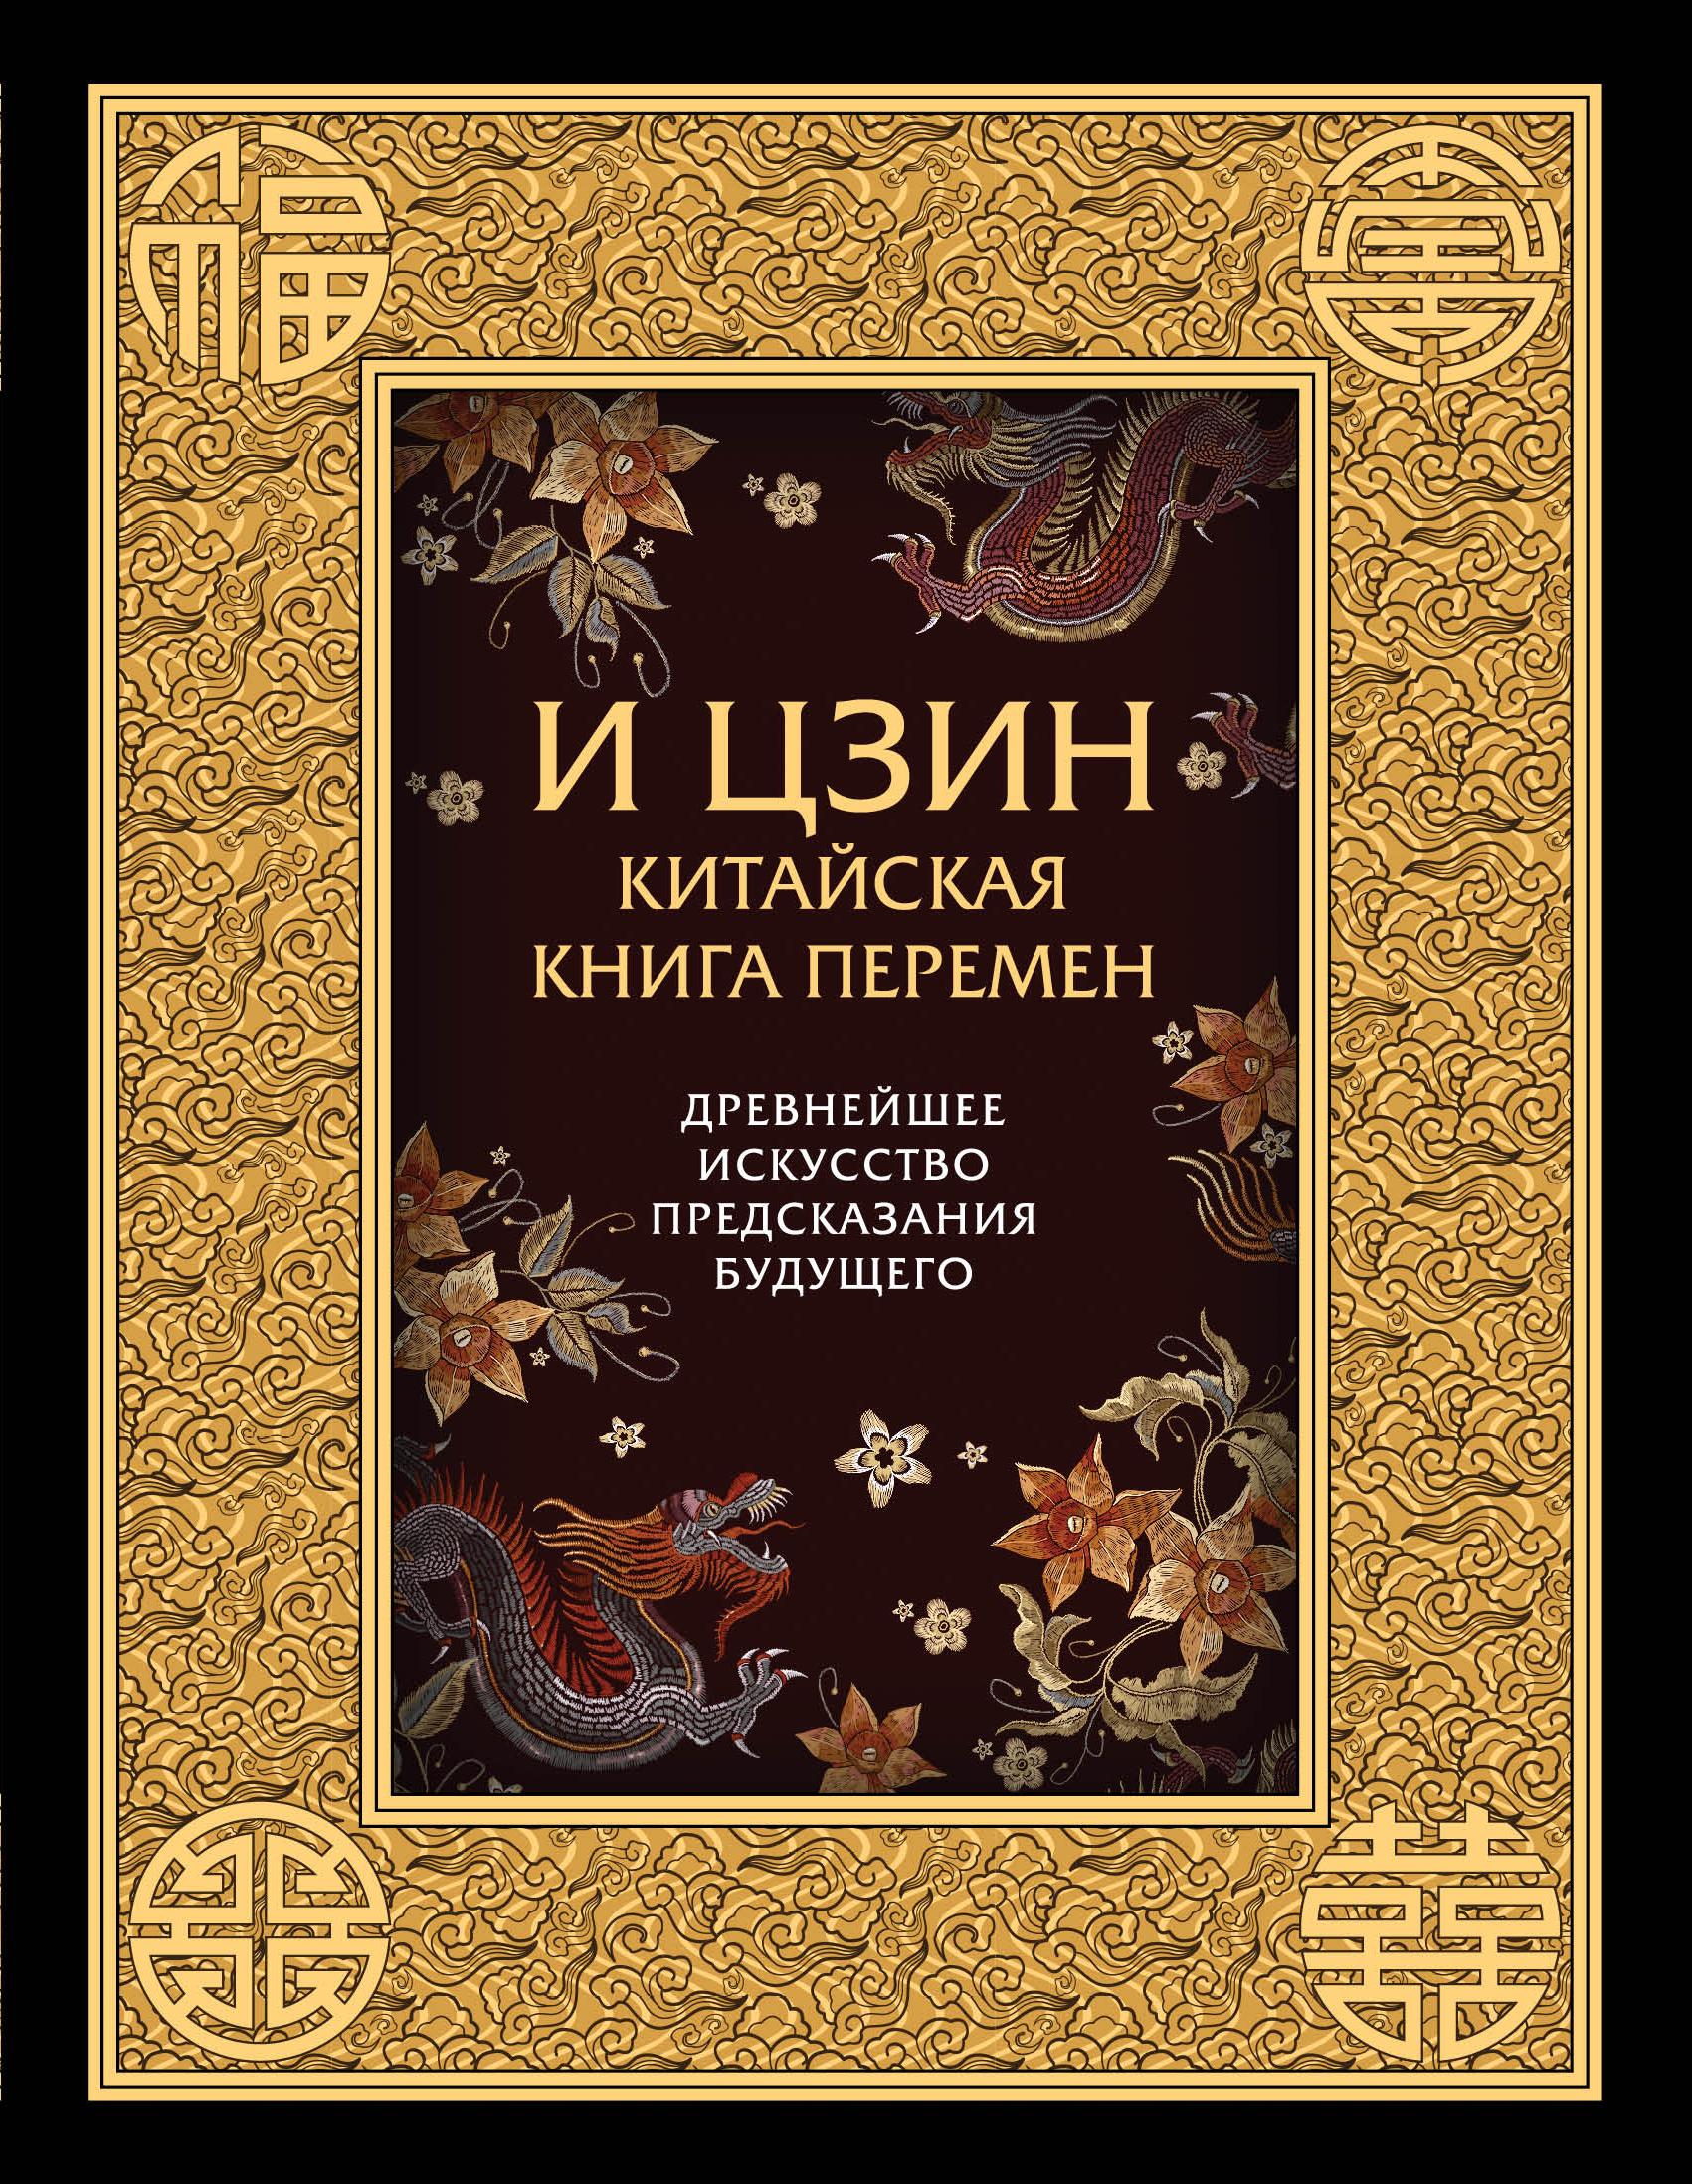 цена на Коллектив авторов И-Цзин. Китайская Книга Перемен. Древнейшее искусство предсказания будущего